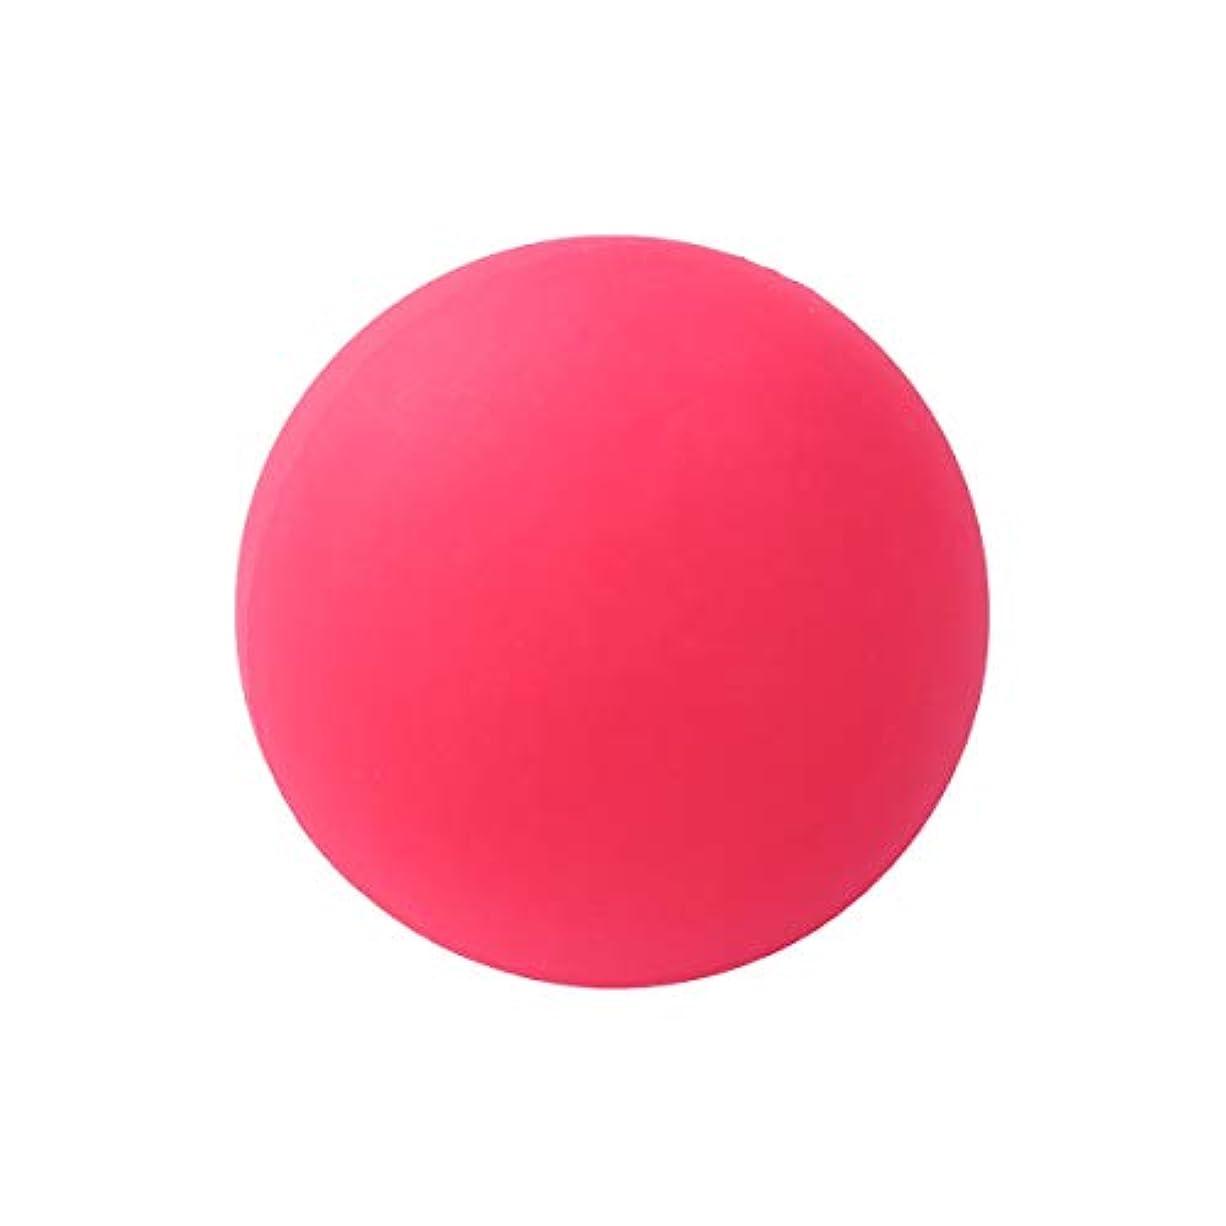 入る援助タウポ湖VORCOOL マッサージボール ヨガ ストレッチボール トリガーポイント 筋膜リリース トレーニング 背中 肩こり 腰 ふくらはぎ 足裏 ツボ押しグッズ 物理 マッサージ 療法ボール